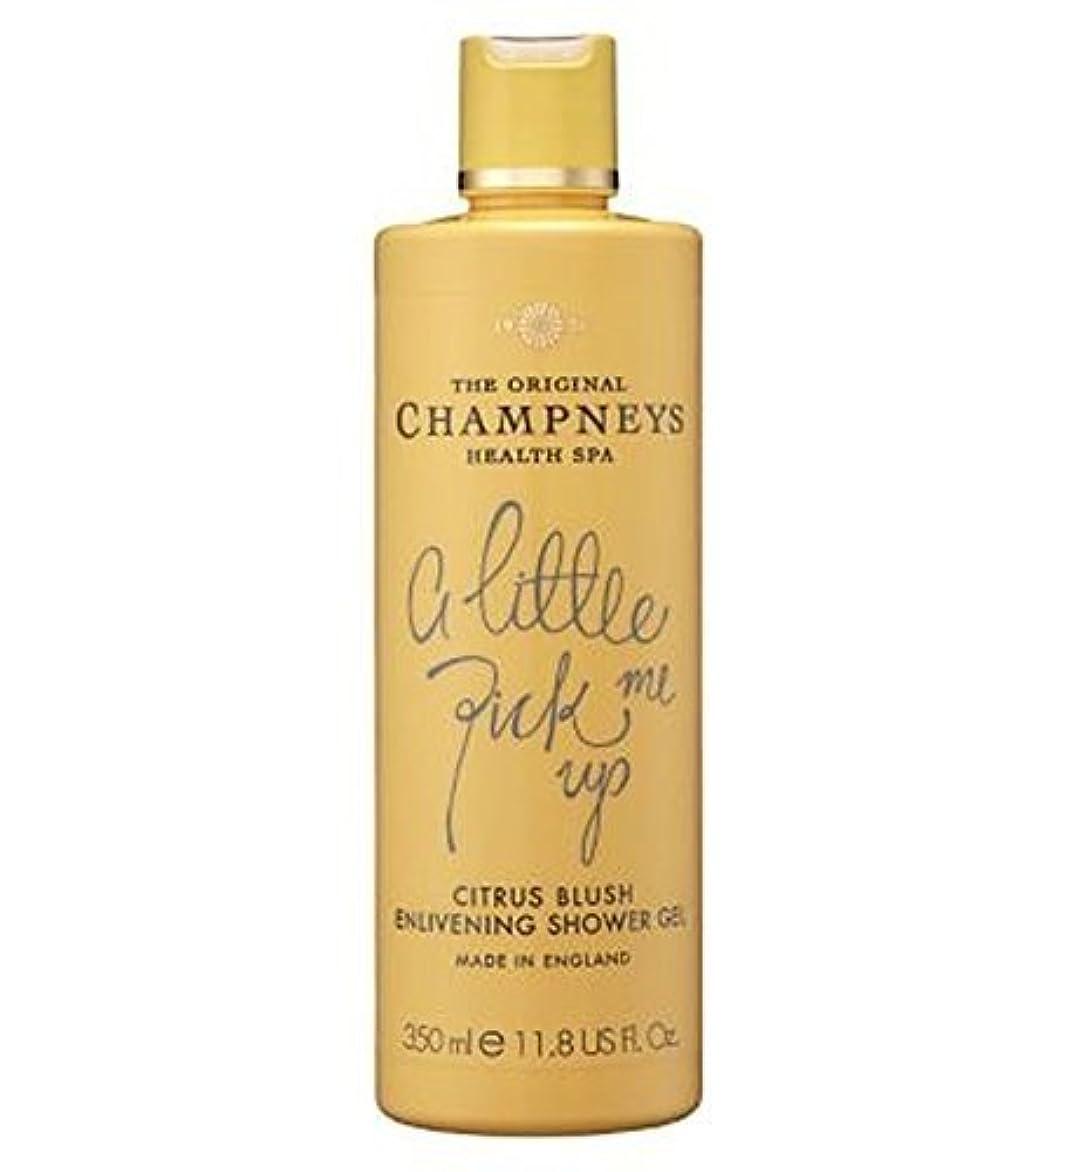 有限昨日ピクニックChampneys Citrus Blush Enlivening Shower Gel 350Ml by Champneys